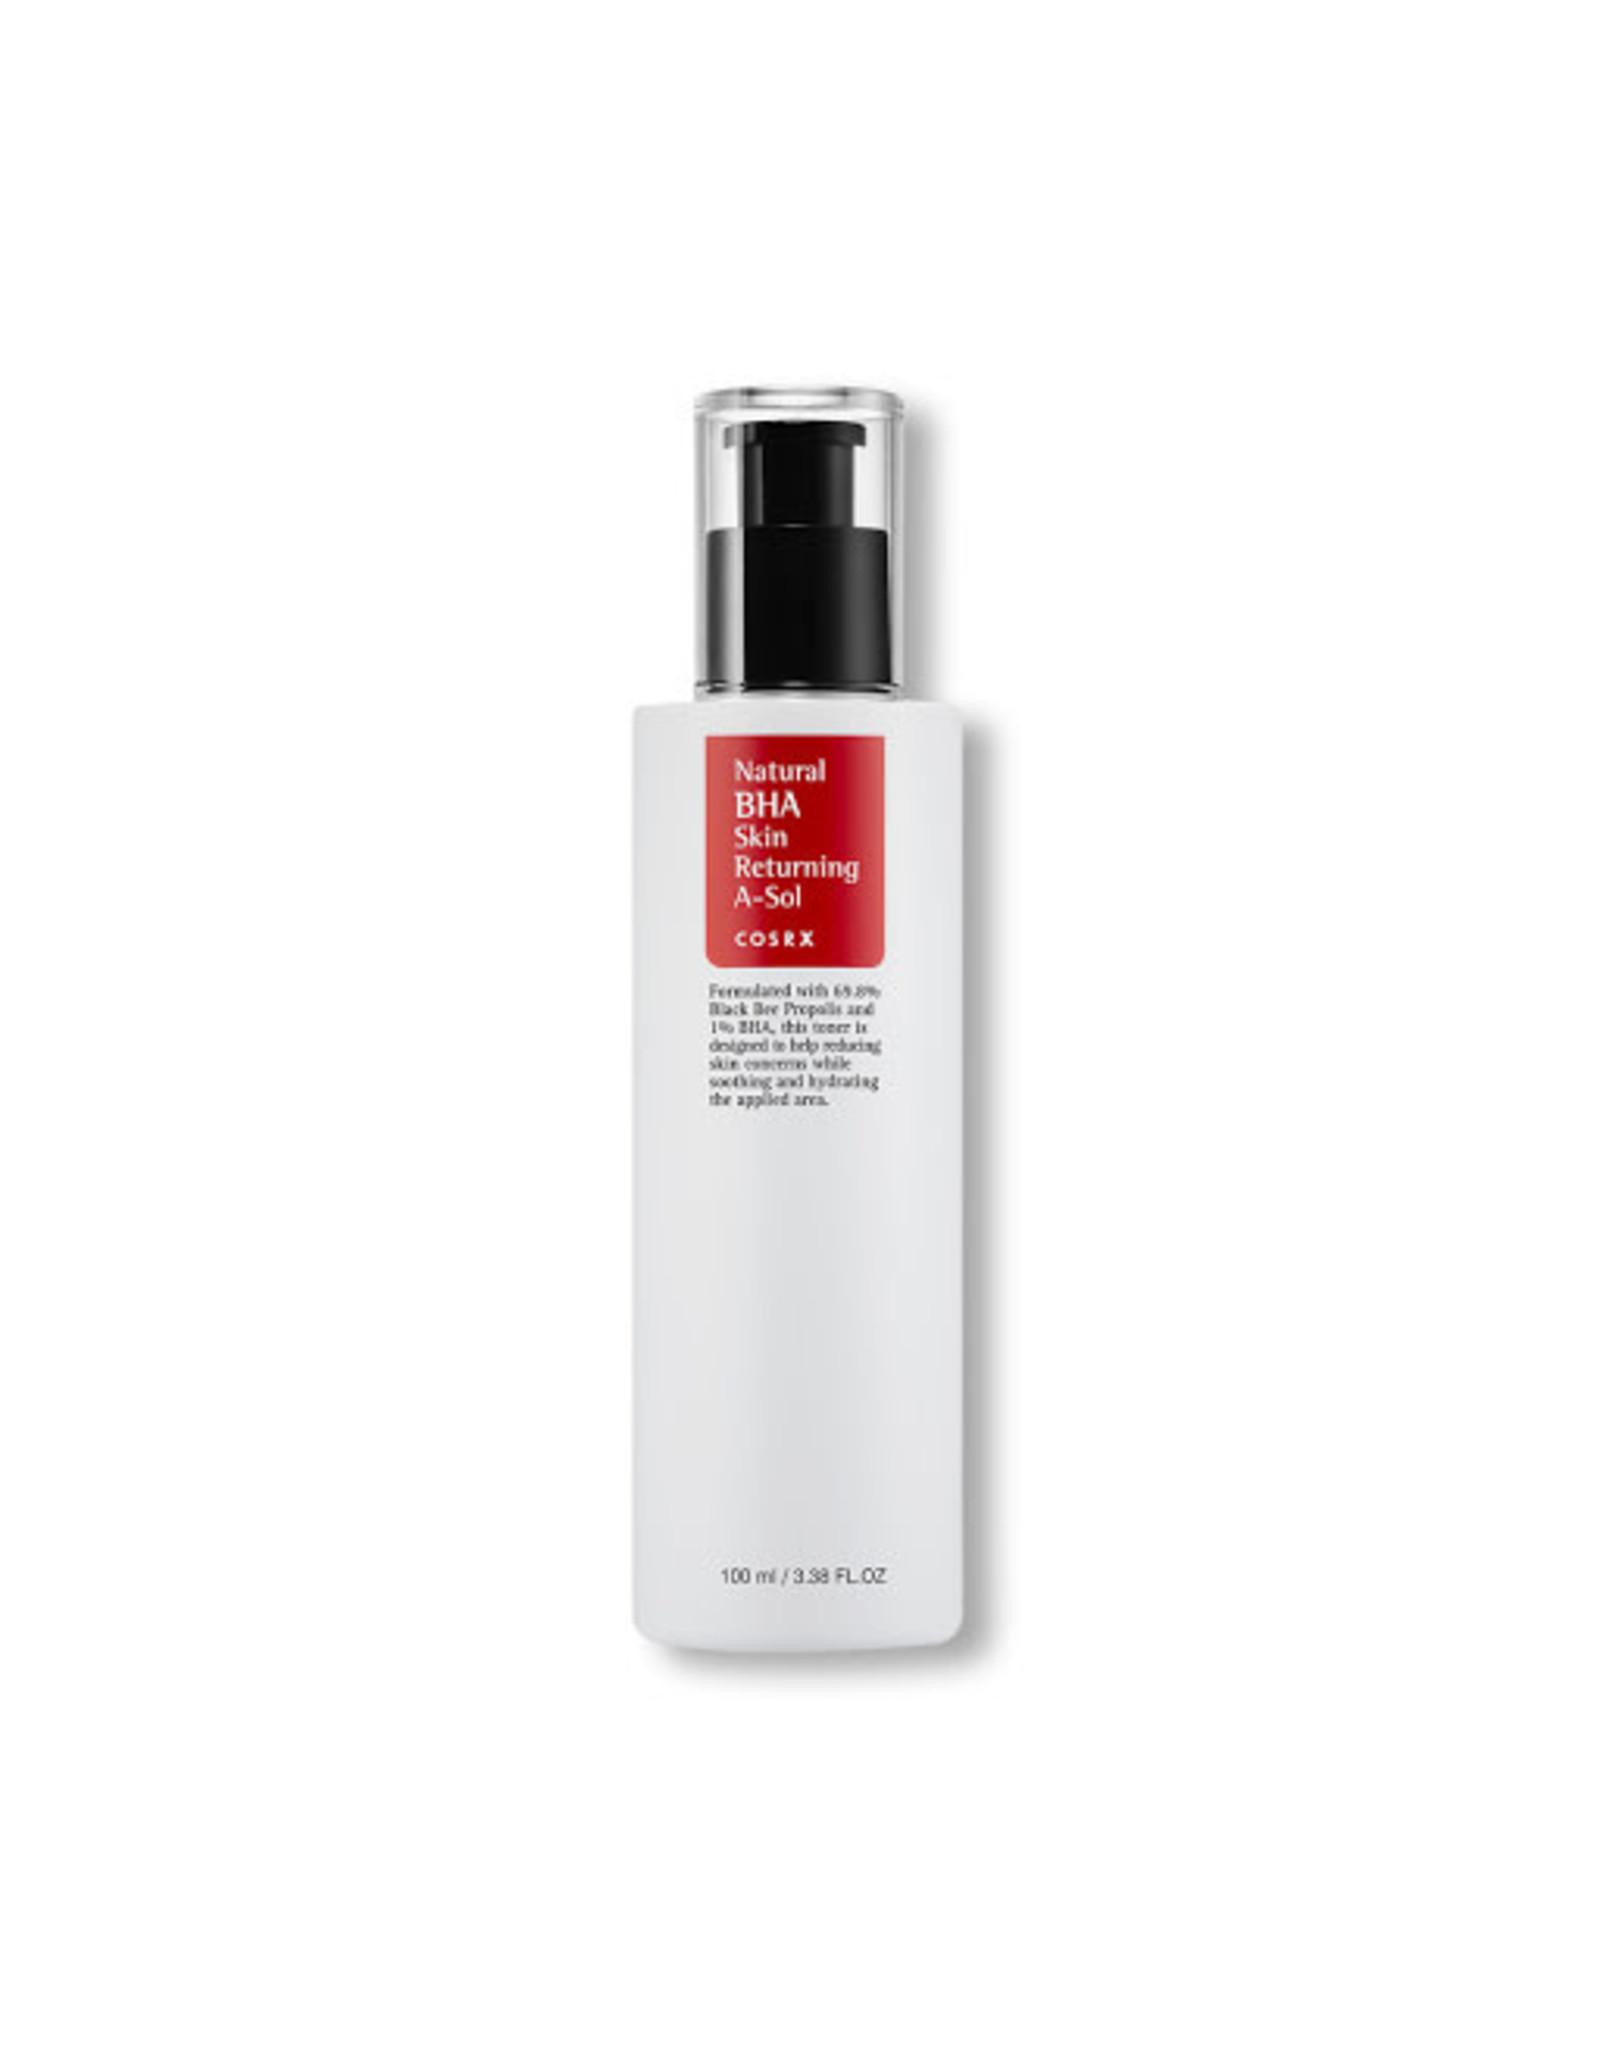 Cosrx Cosrx Natural Bha Skin Returning Emulsion 100ml